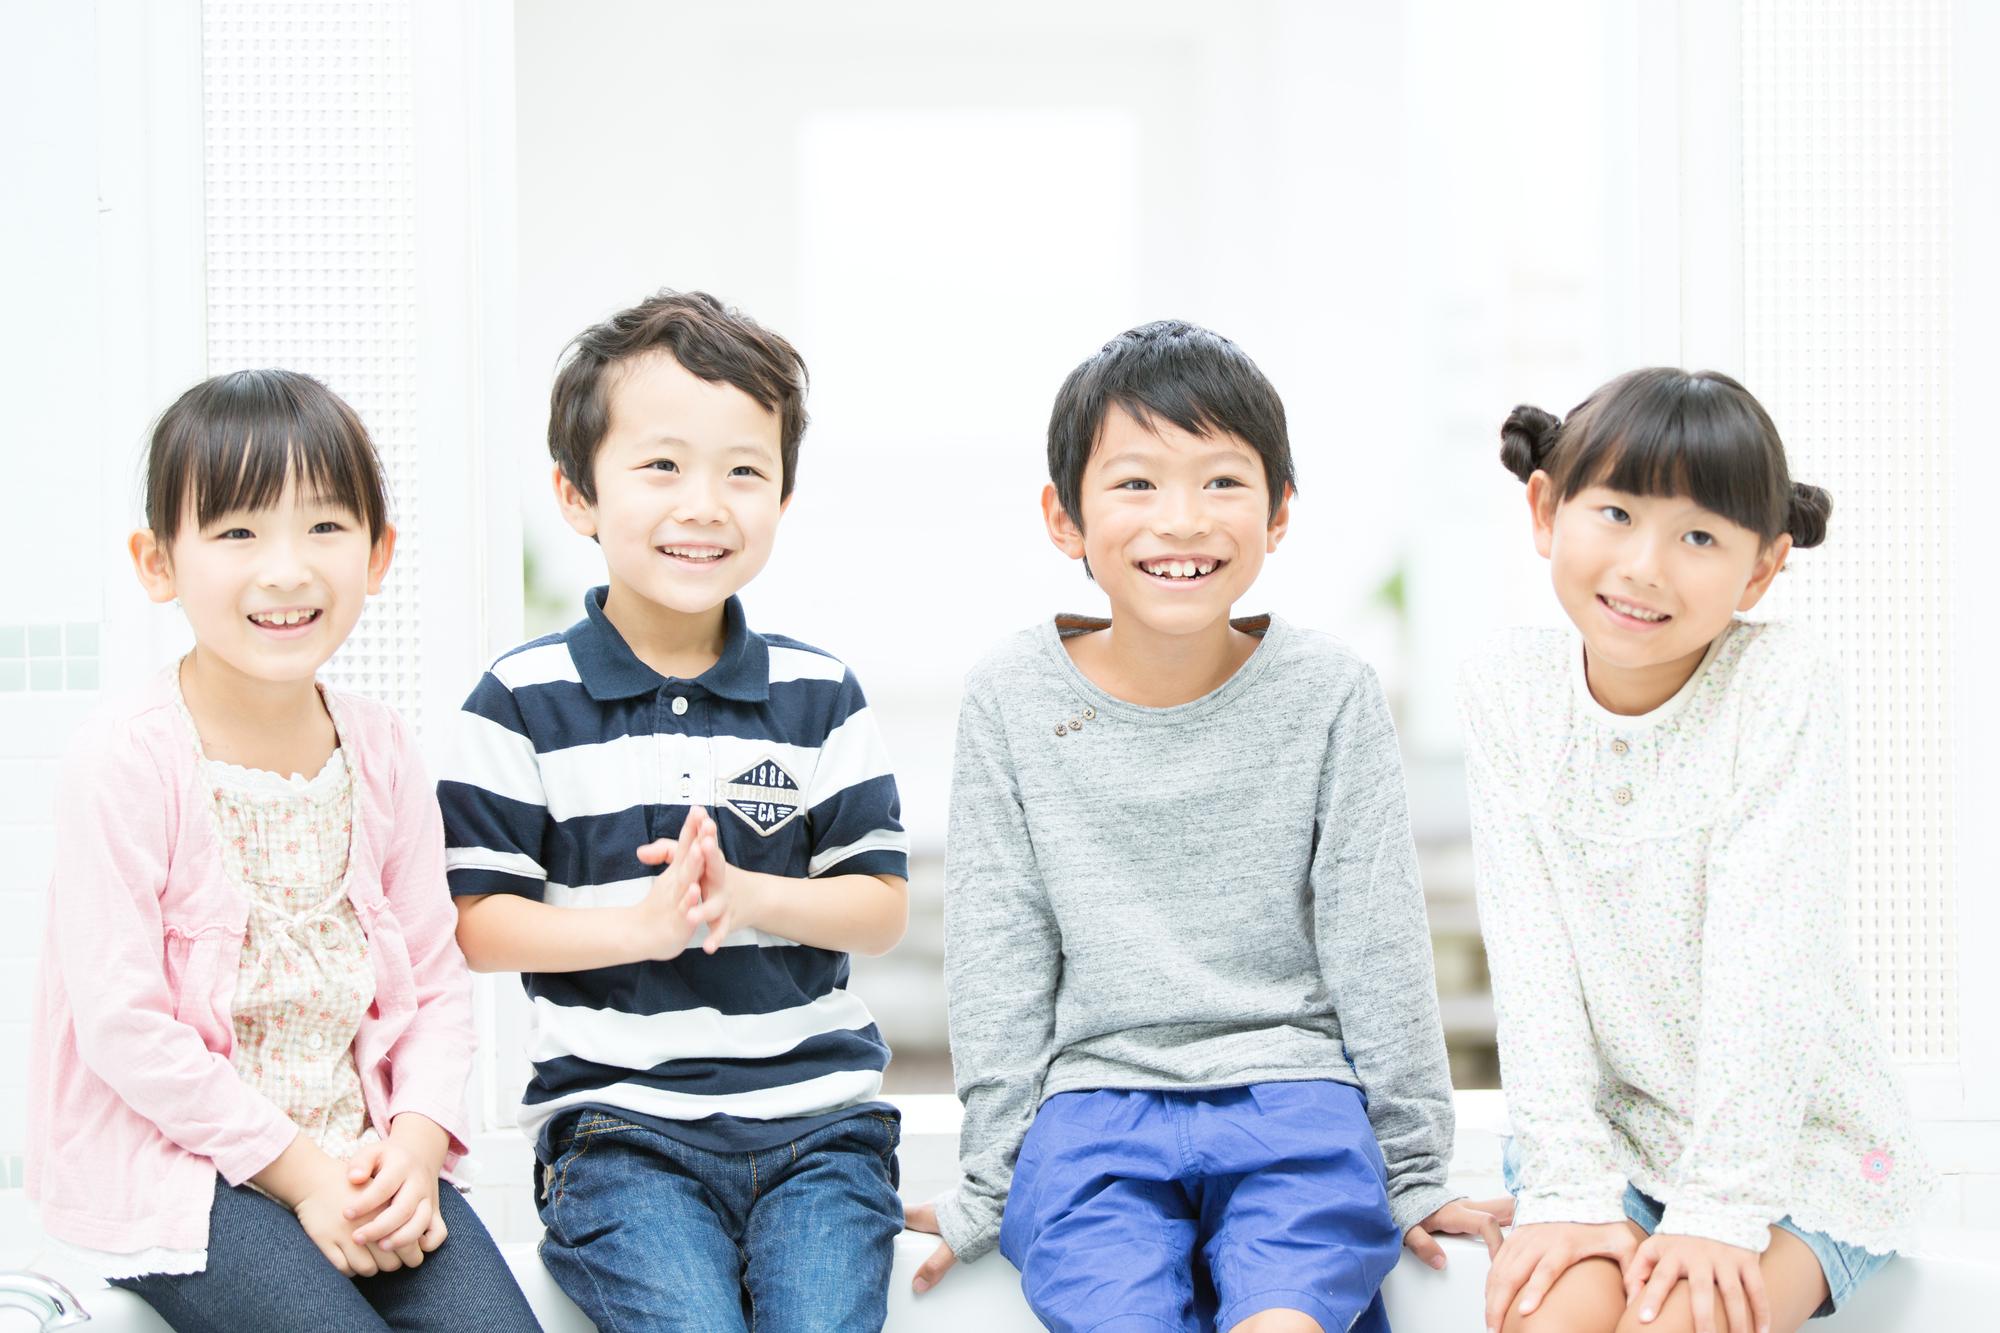 【施設名:福岡小学校内の放課後児童クラブ(パート指導員)】